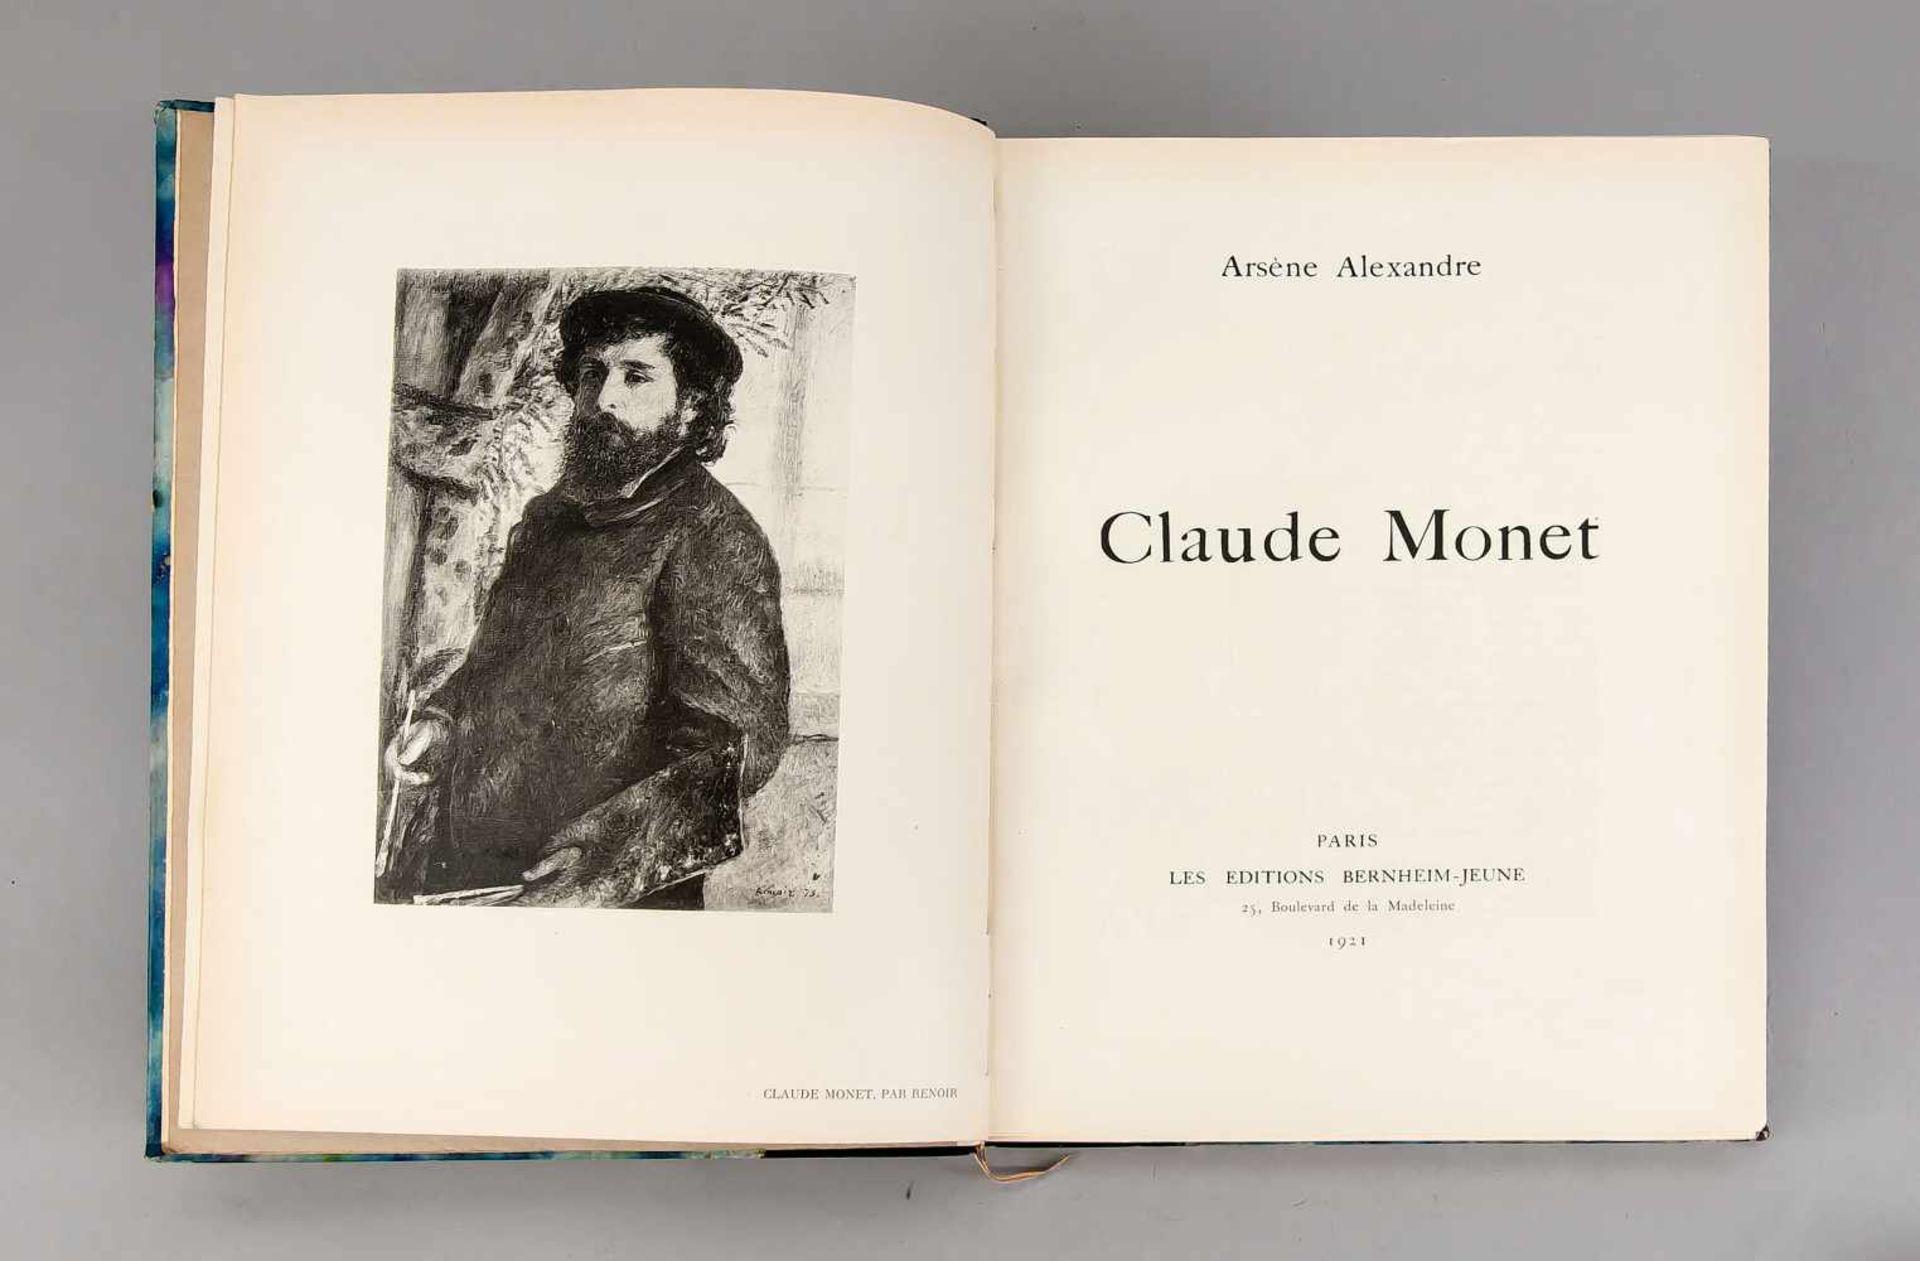 """Claude Monet, Monographie von Arsène Alexandre, in Paris bei """"Bernheim-Jeune"""" 1921,"""